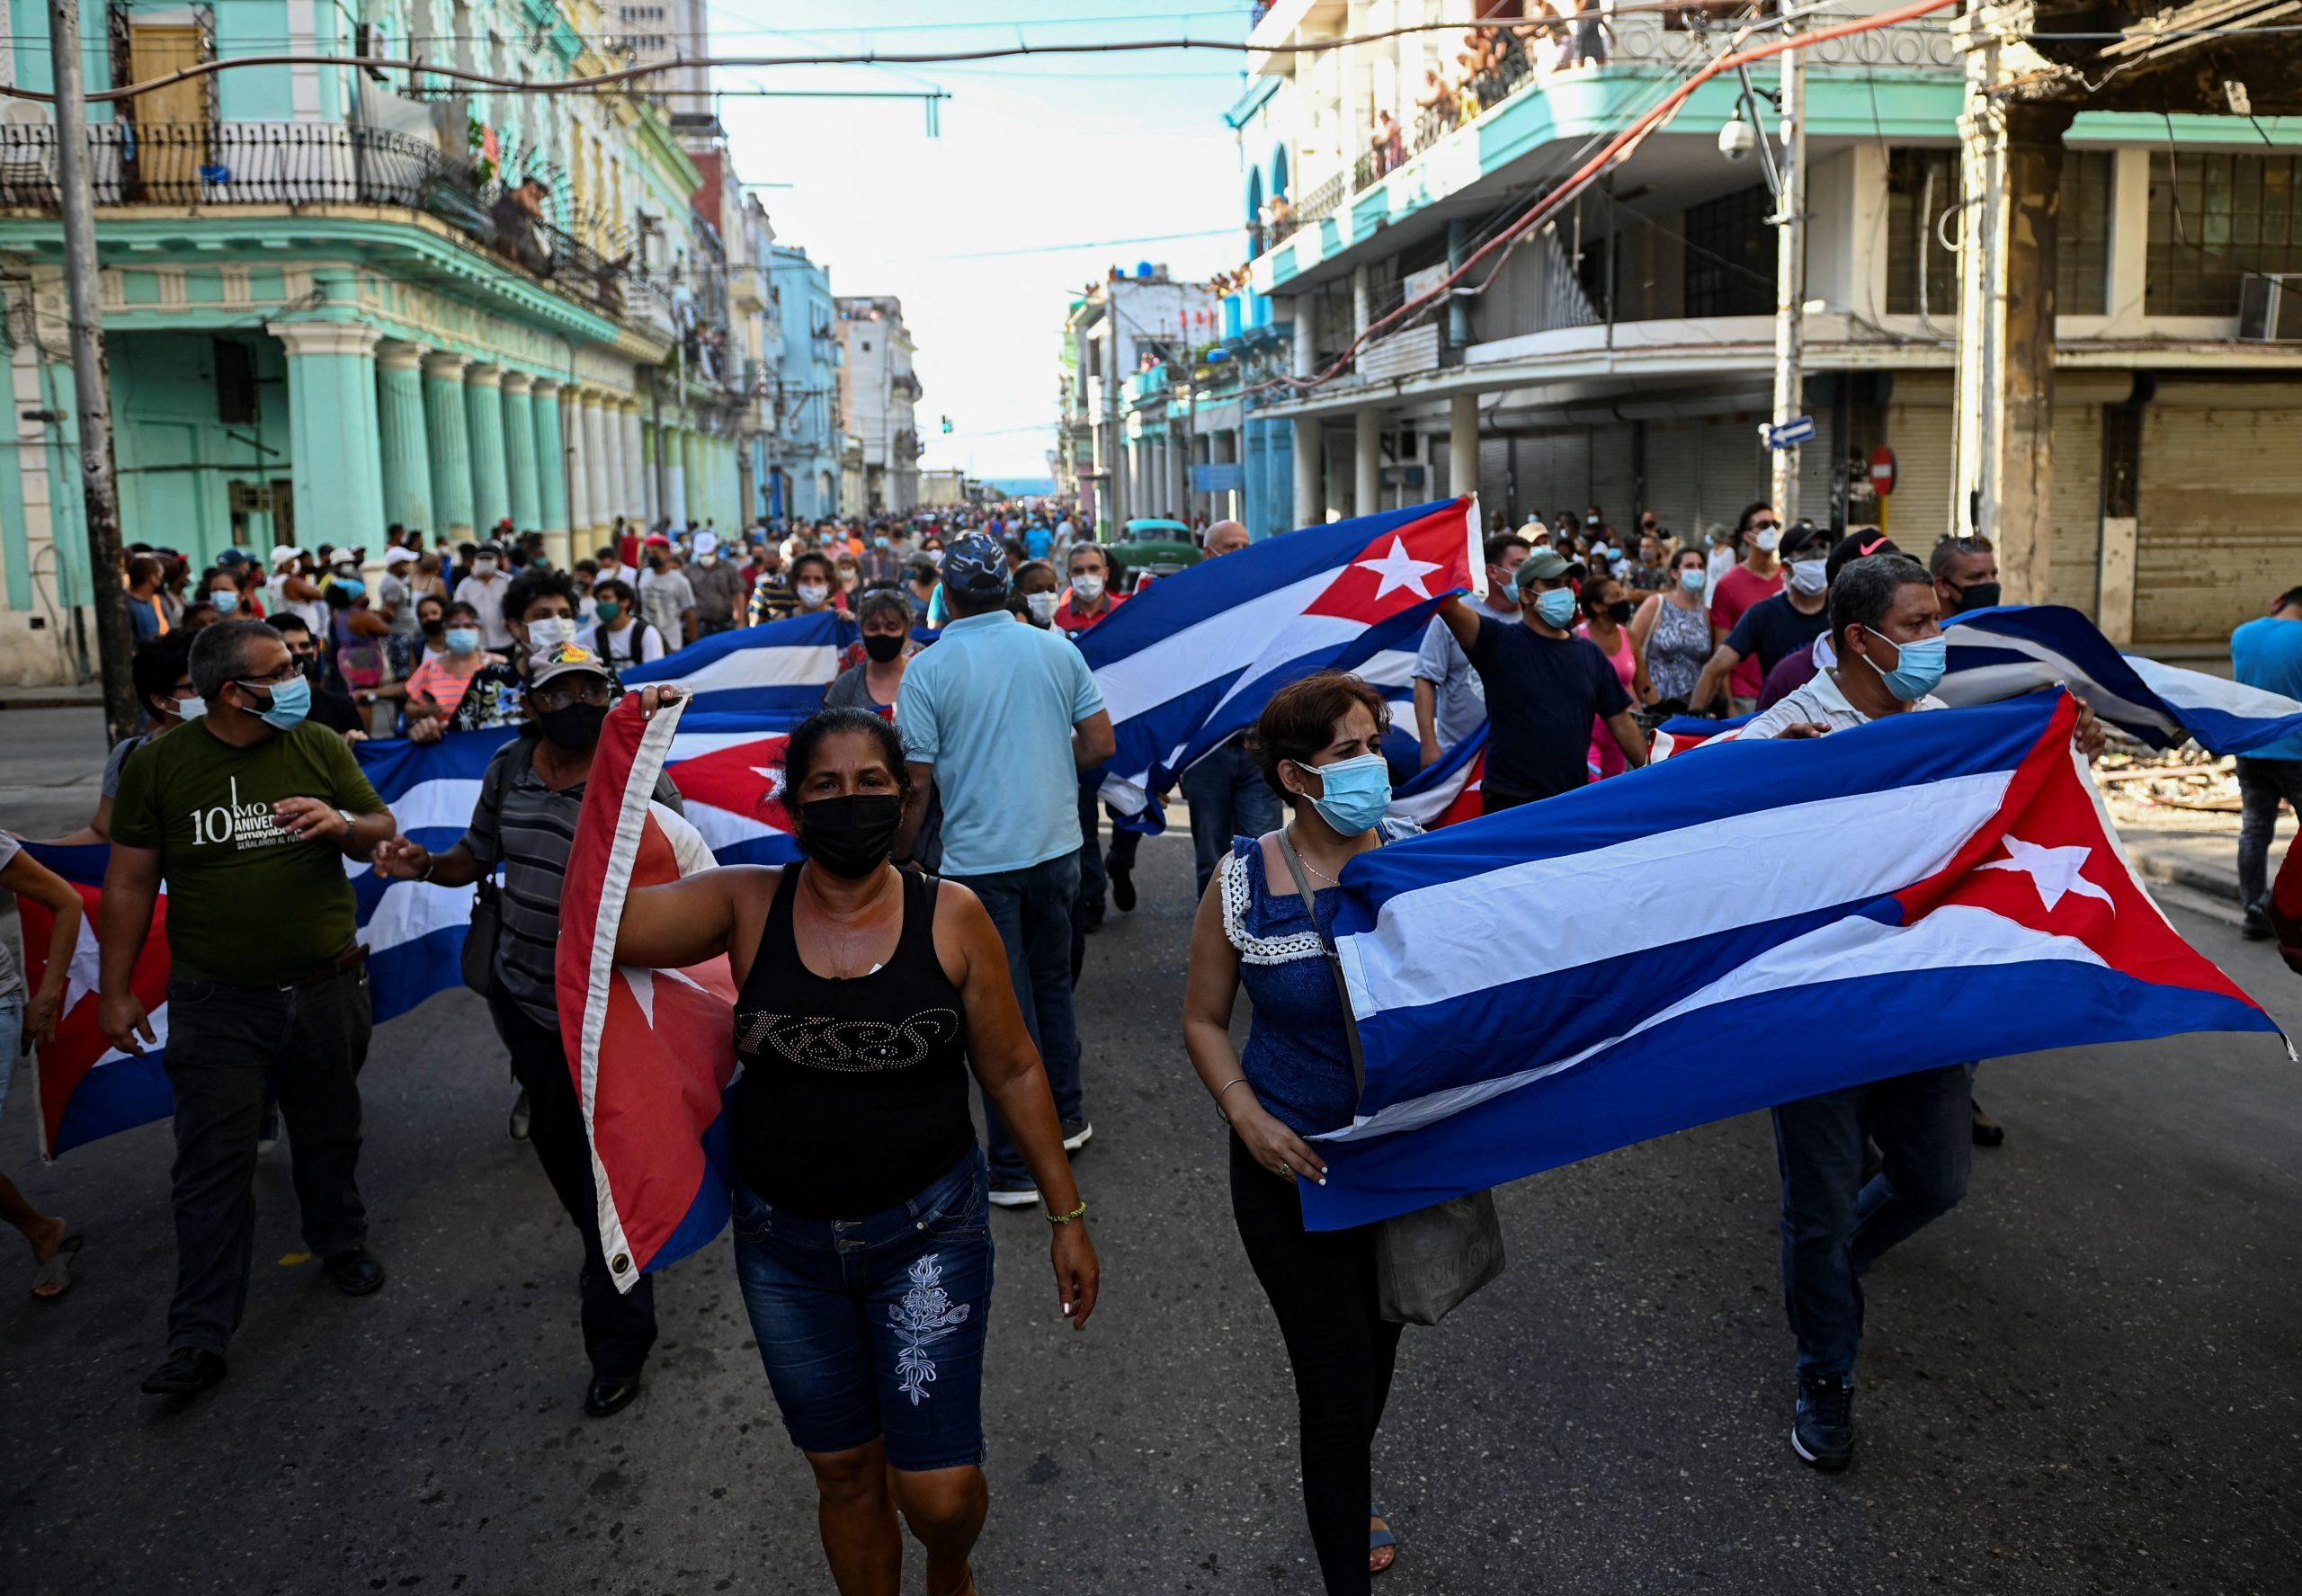 Les gens participent à une manifestation pour soutenir le gouvernement du président cubain Miguel Diaz-Canel à La Havane, le 11 juillet 2021. - Des milliers de Cubains ont participé dimanche à de rares manifestations contre le gouvernement communiste, marchant dans une ville en scandant